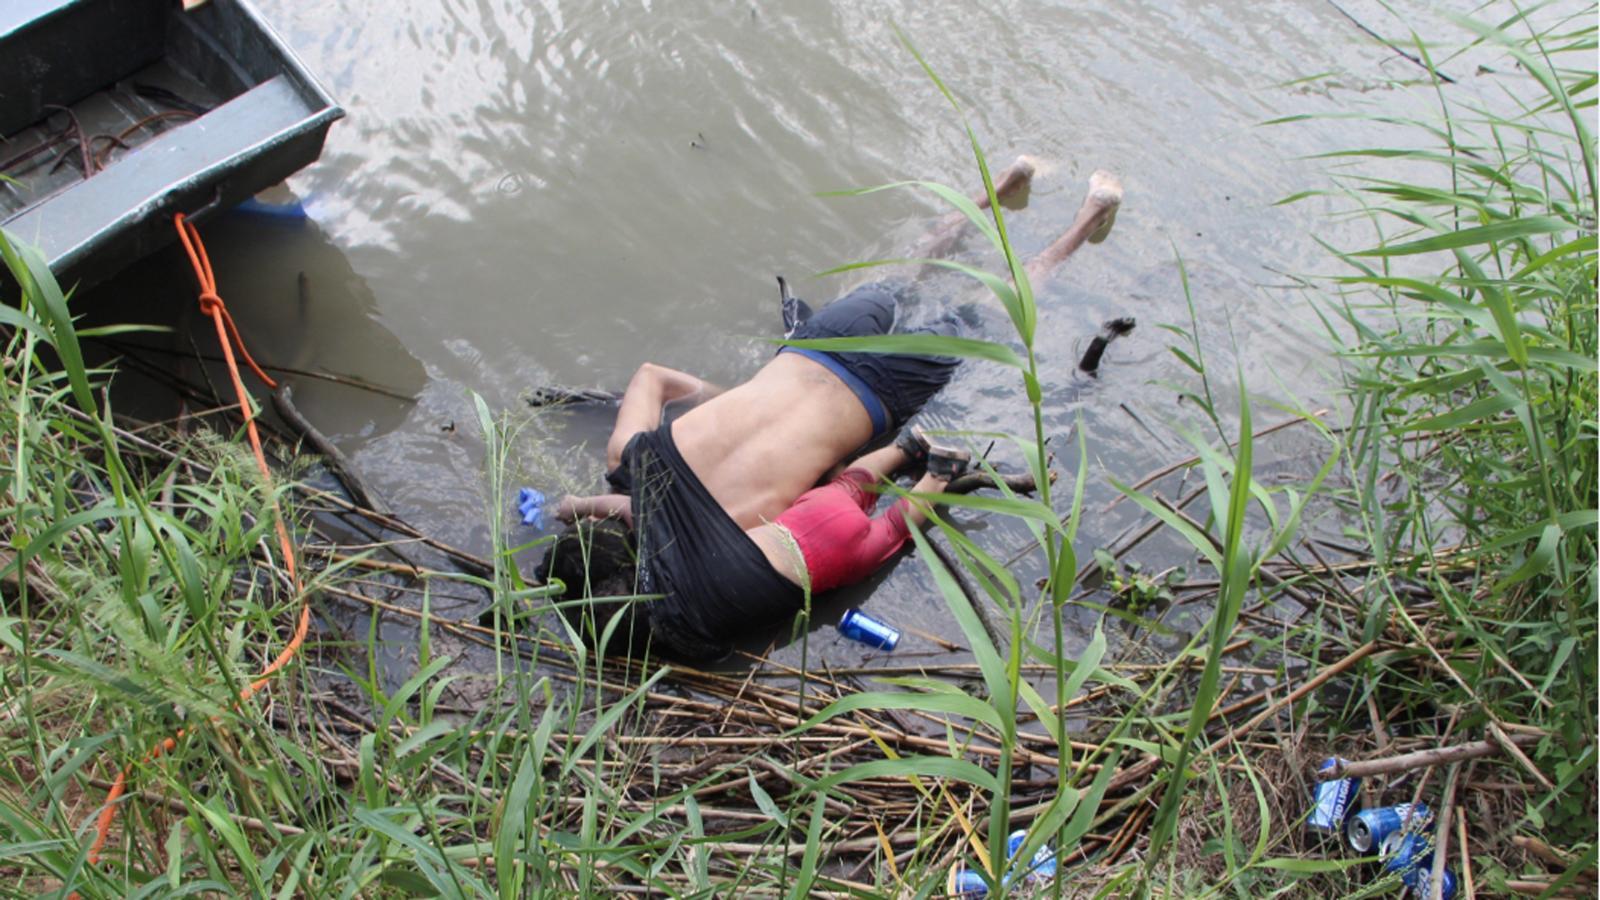 EFE El Salvador repatriará cuerpos de migrantes ahogados